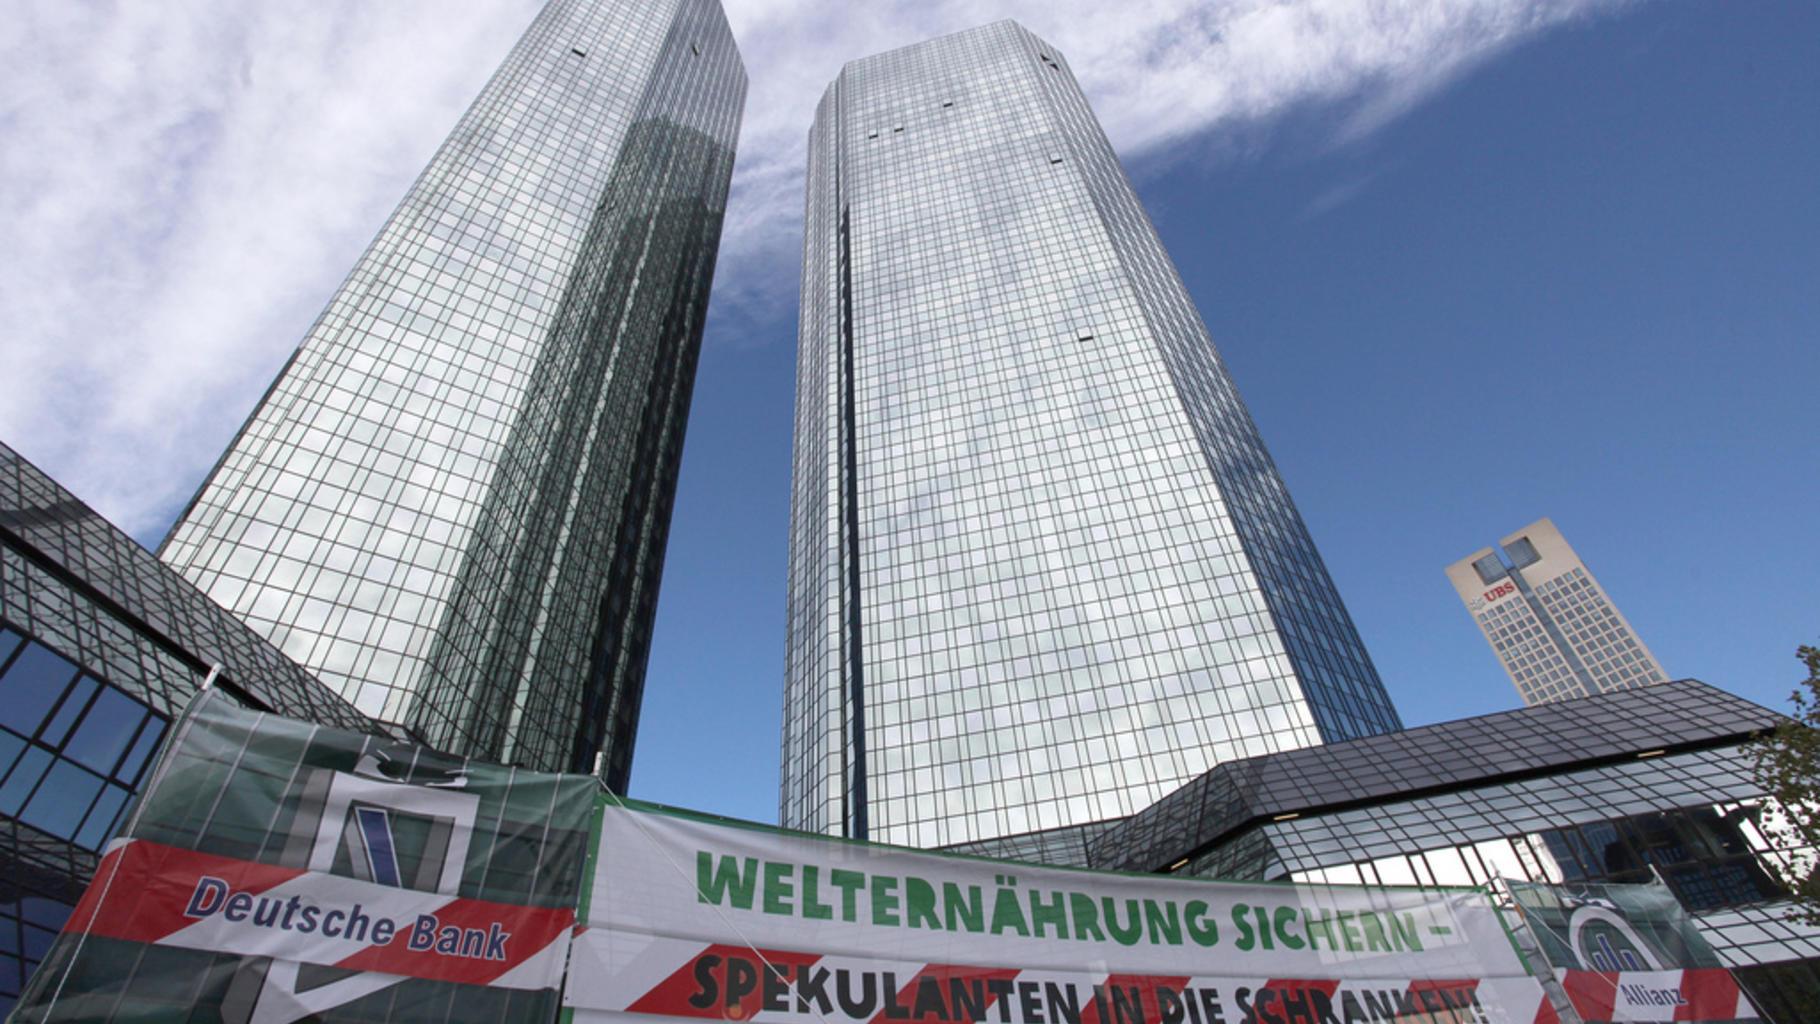 Demo vor der Deutschen Bank in Frankfurt am Main: Spekulanten in die Schranken!